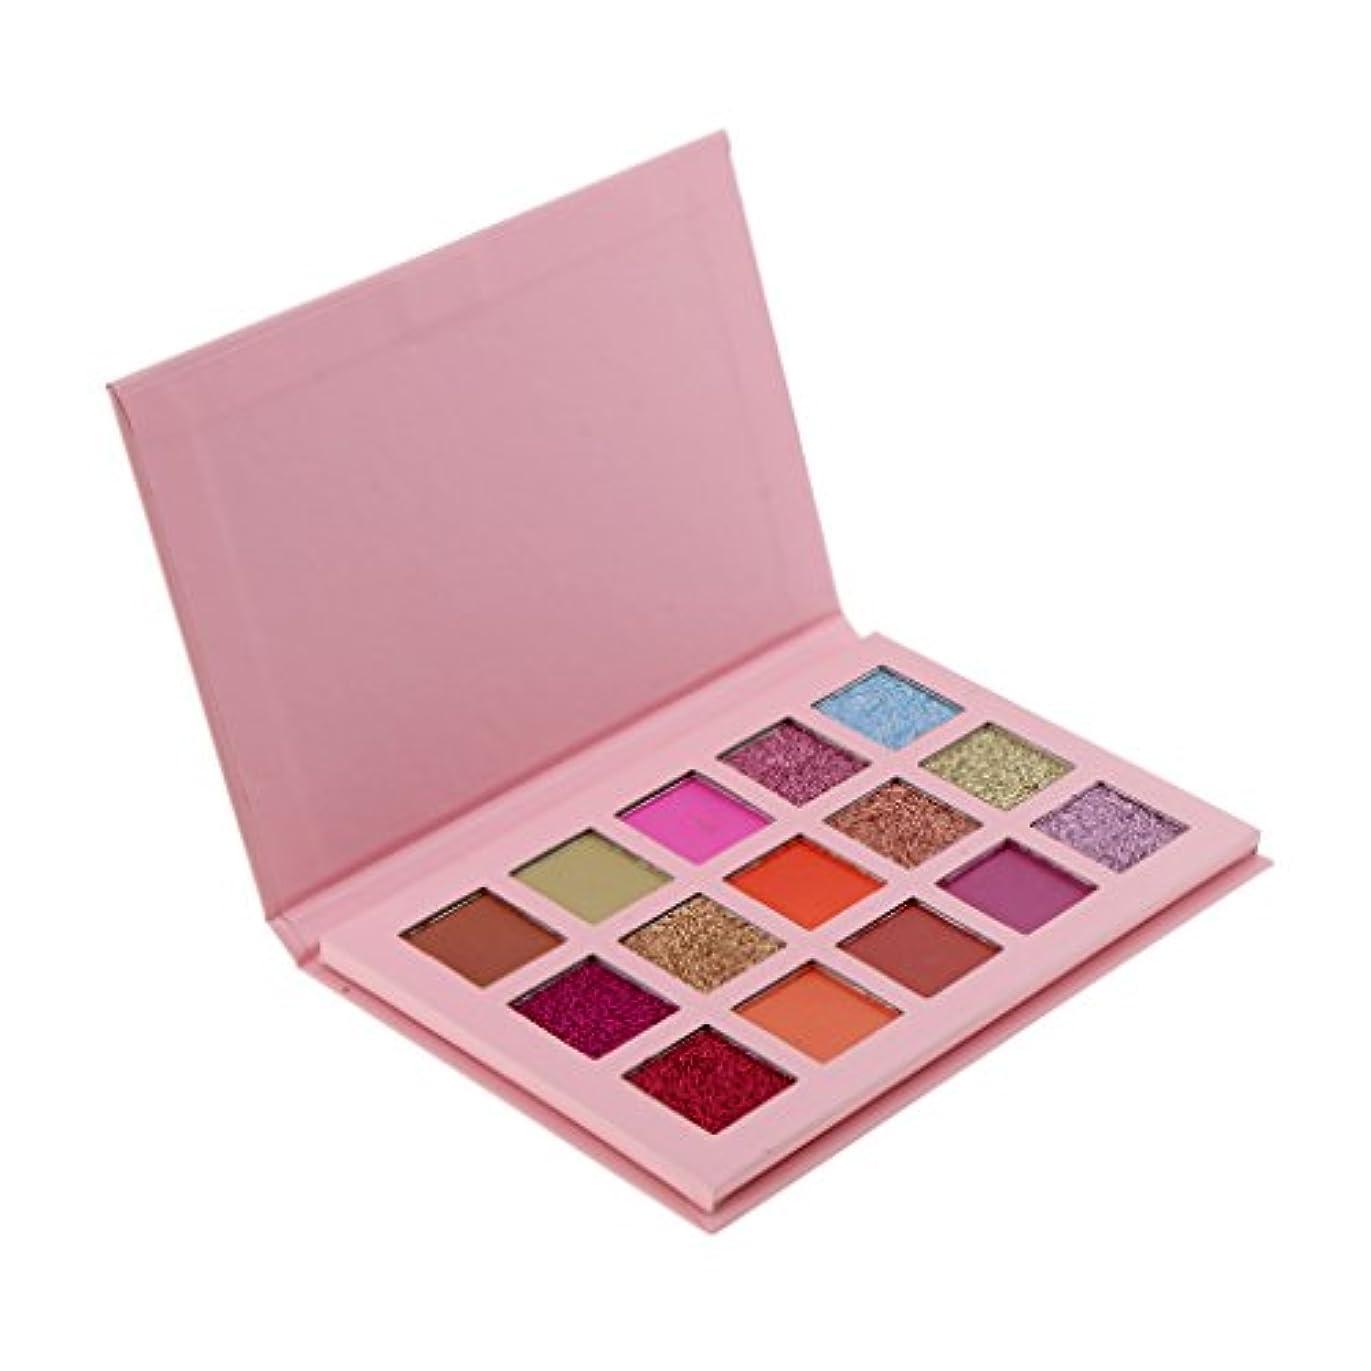 発行利益治安判事アイシャドーパレット 15色 メイクアップパレット カラーメイク アイメイク 長持ち 高品質